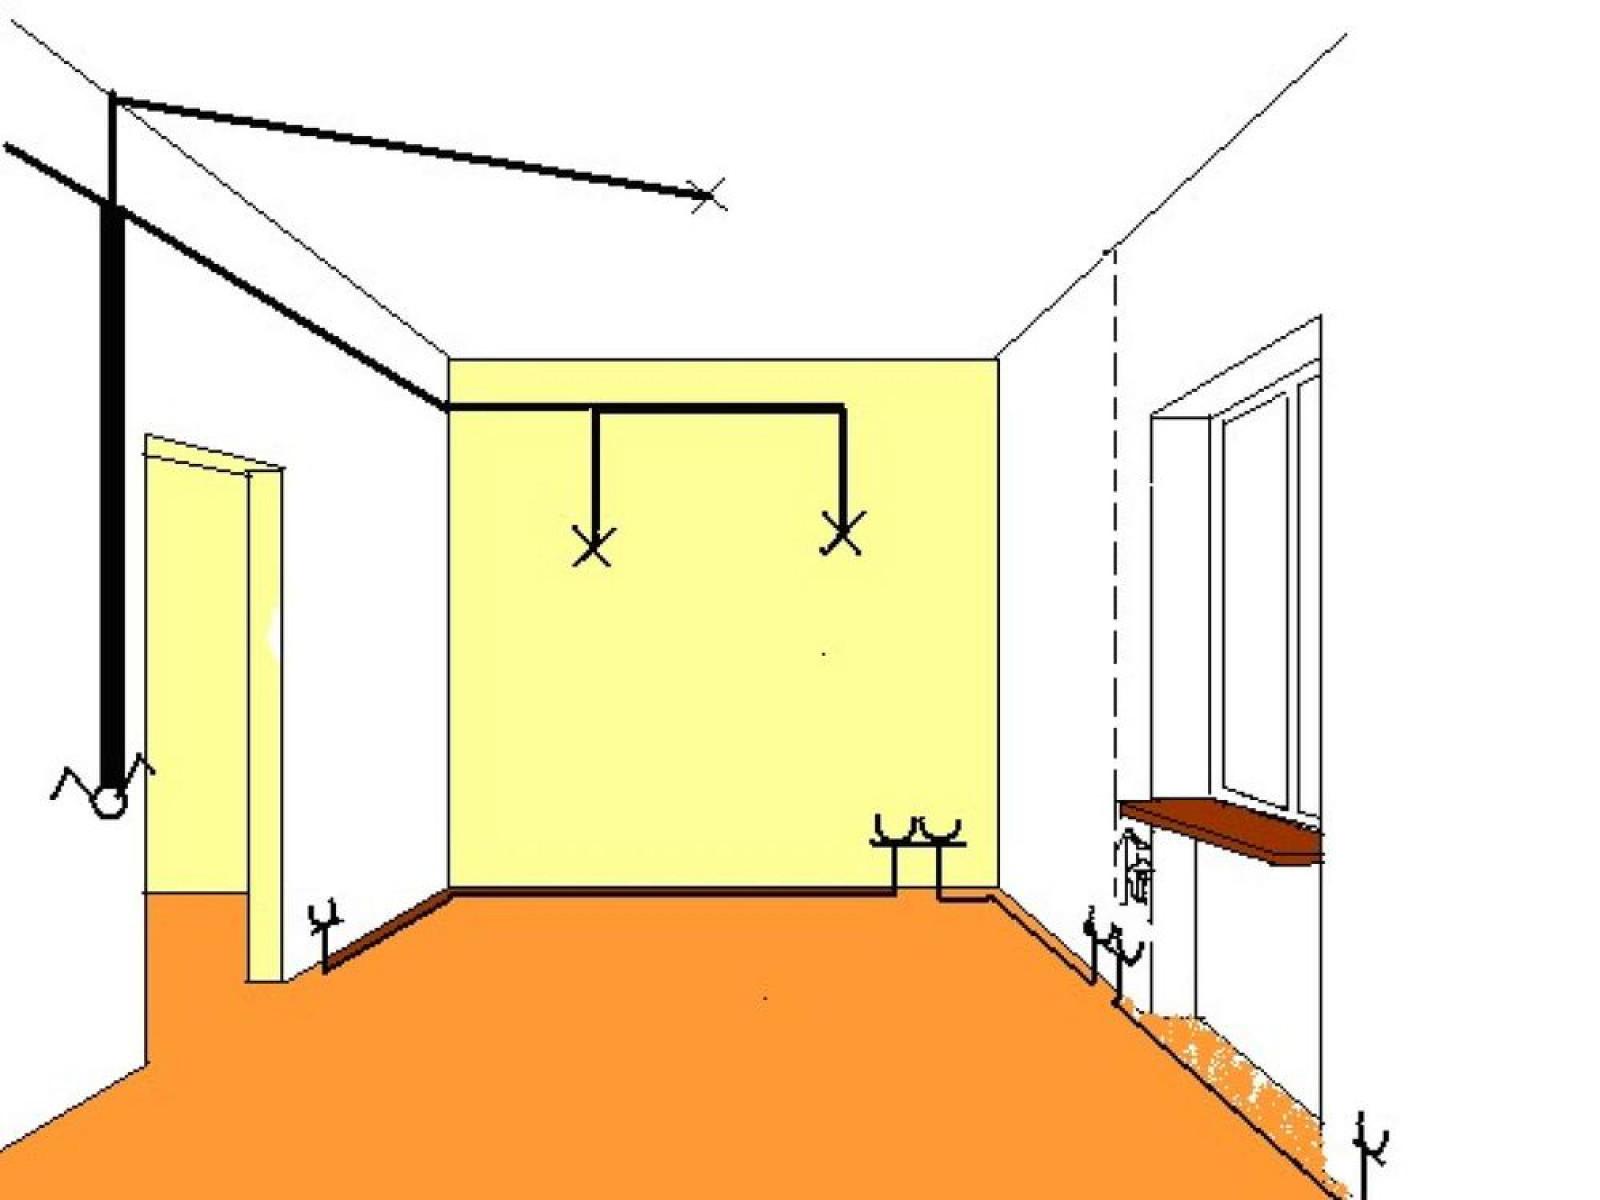 Схема: Як слід зробити електроустановку без коробки?